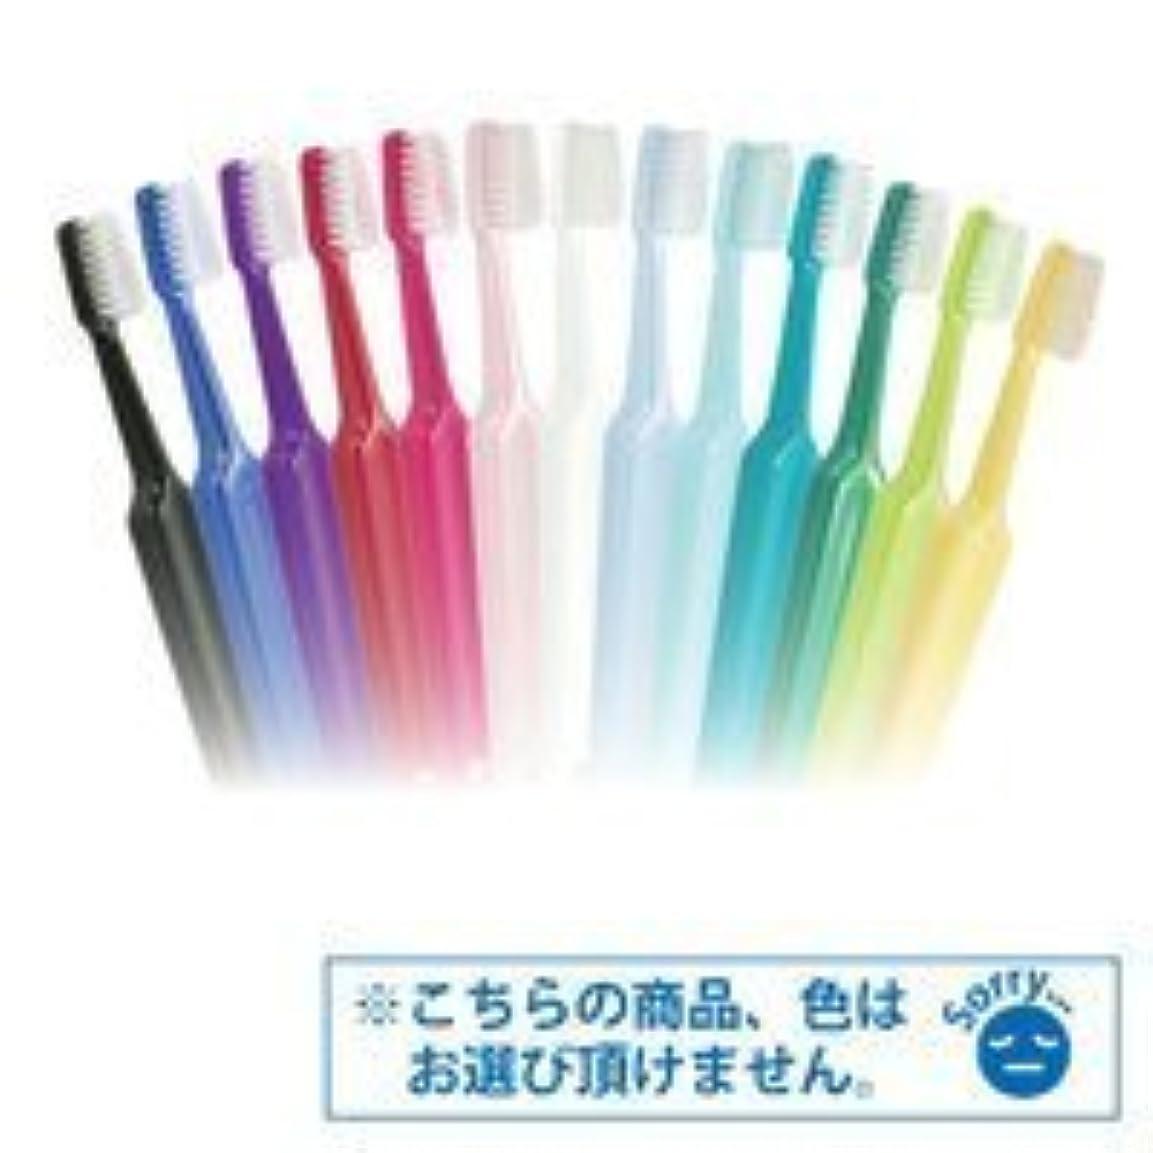 物語正当な報酬のTepe歯ブラシ セレクトコンパクト/ミディアム 25本/箱